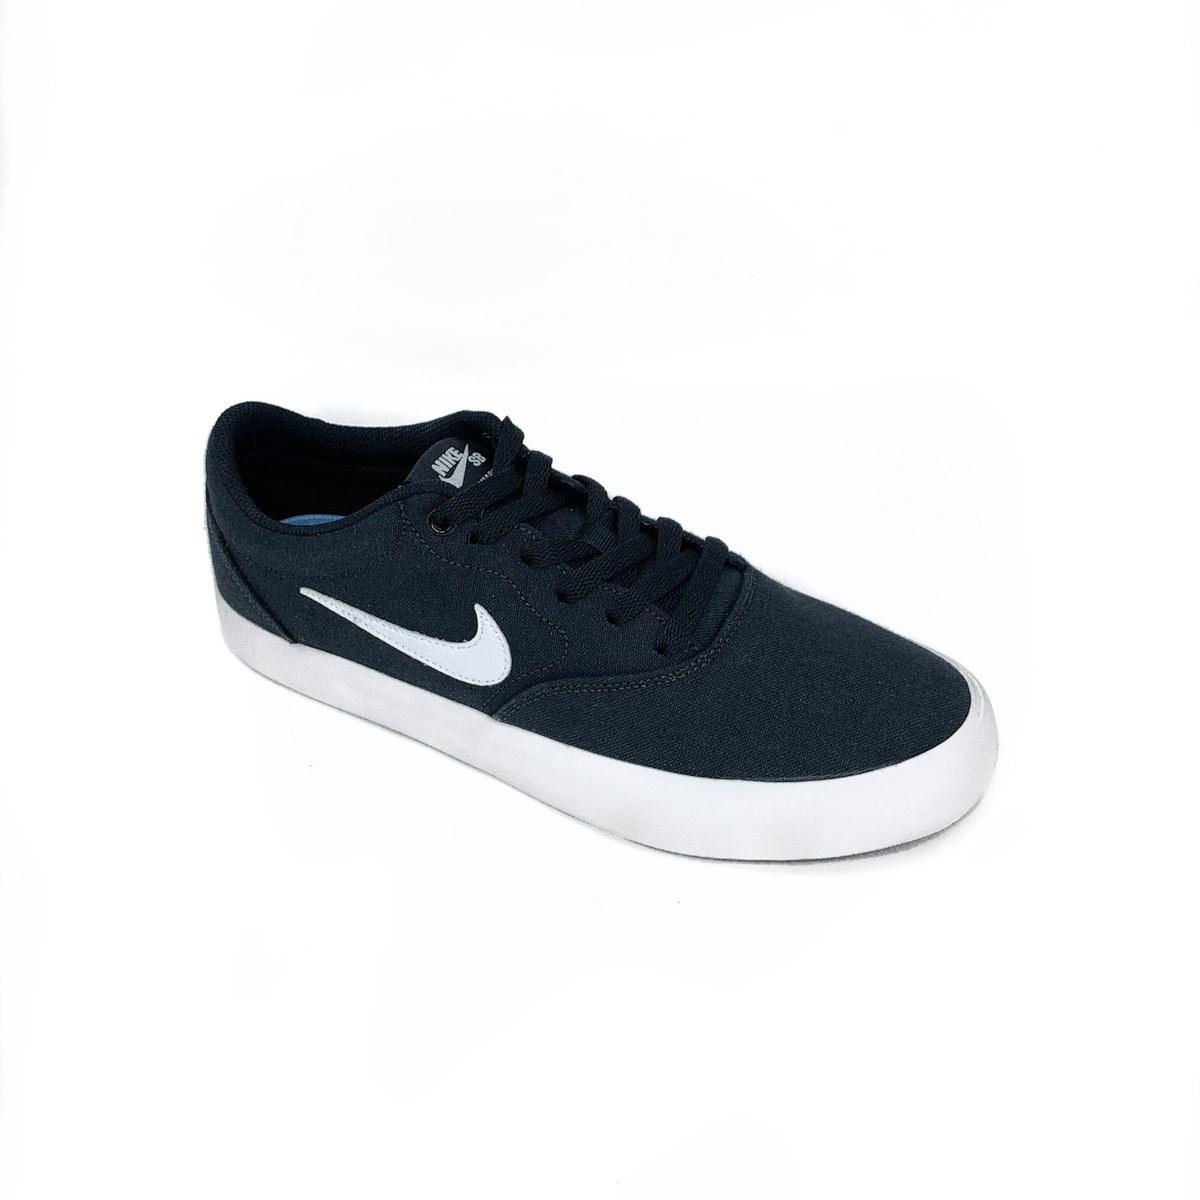 Tênis Nike Sb Charge Cnvs Black/White